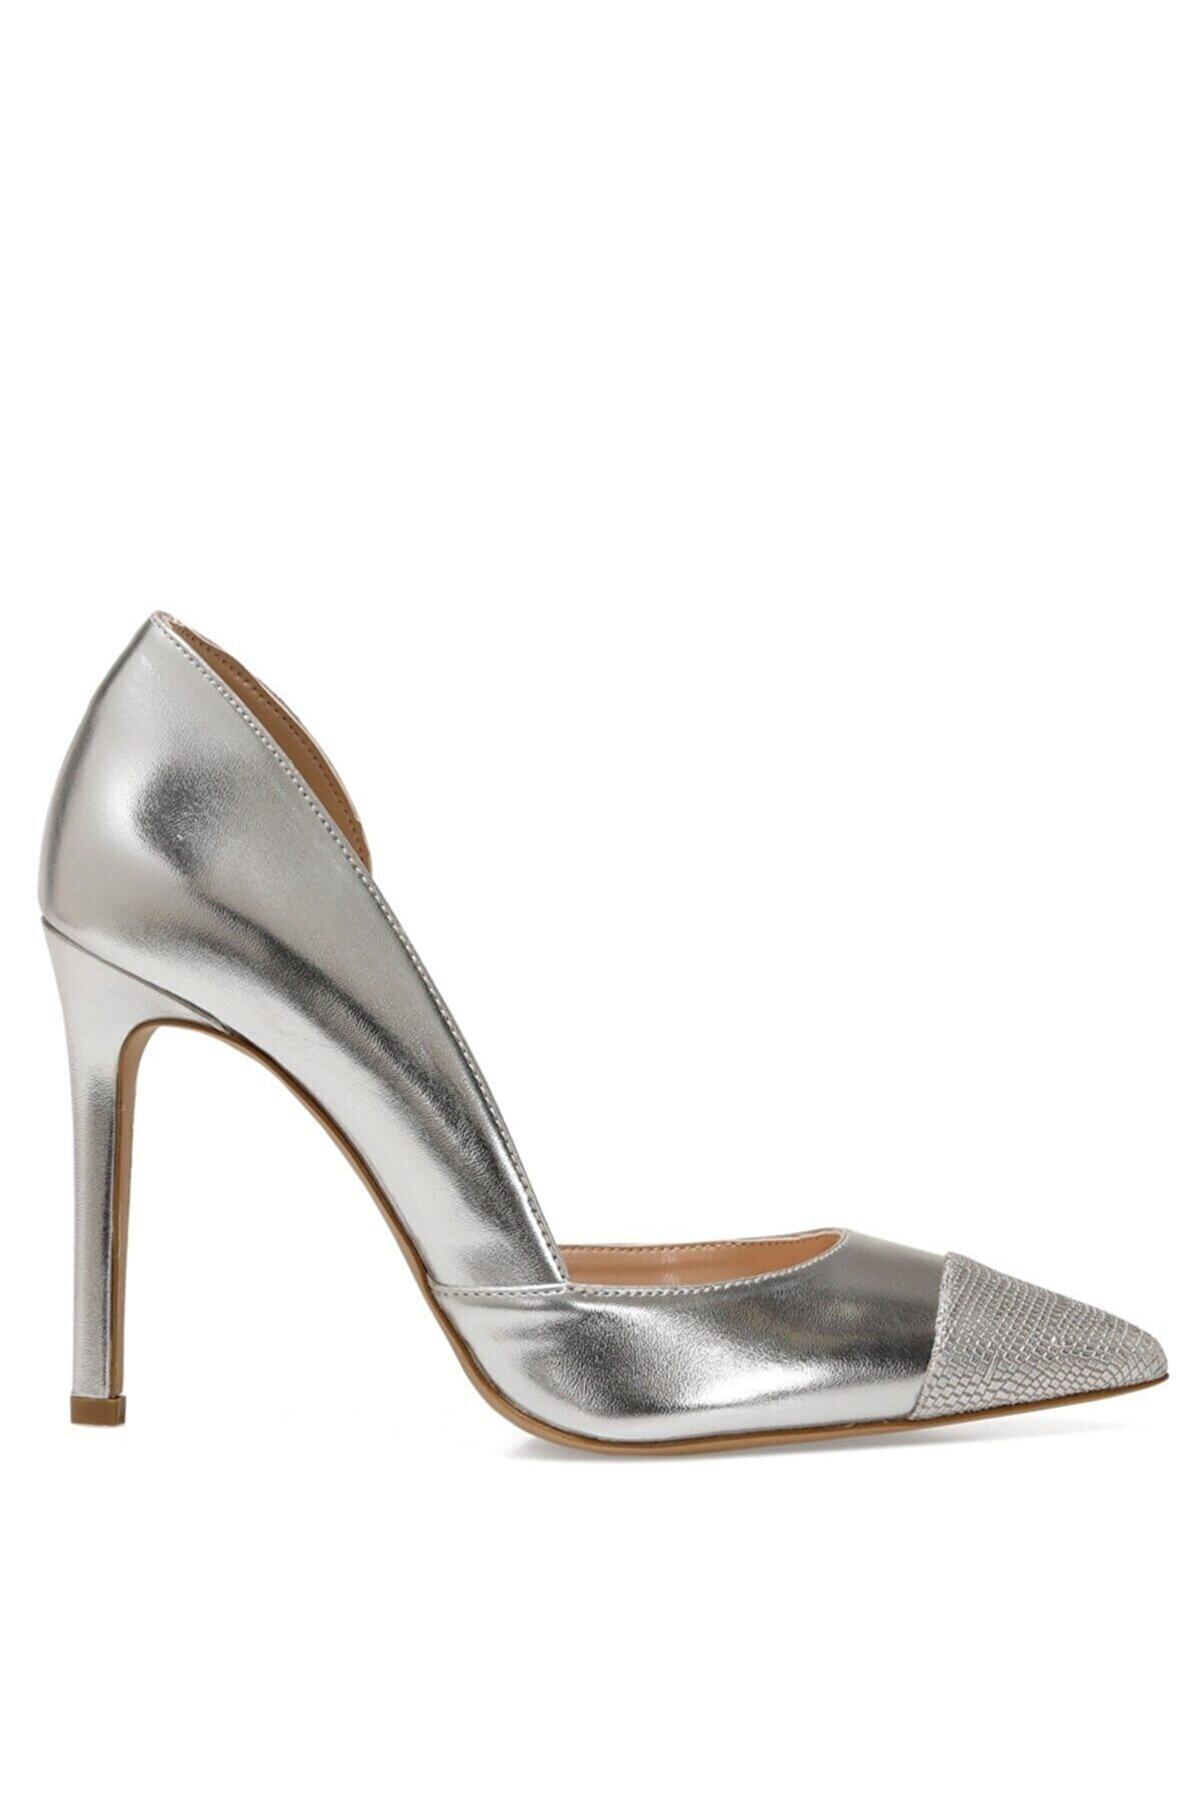 Nine West MERNANI 1FX Gümüş Kadın Gova Ayakkabı 101012992